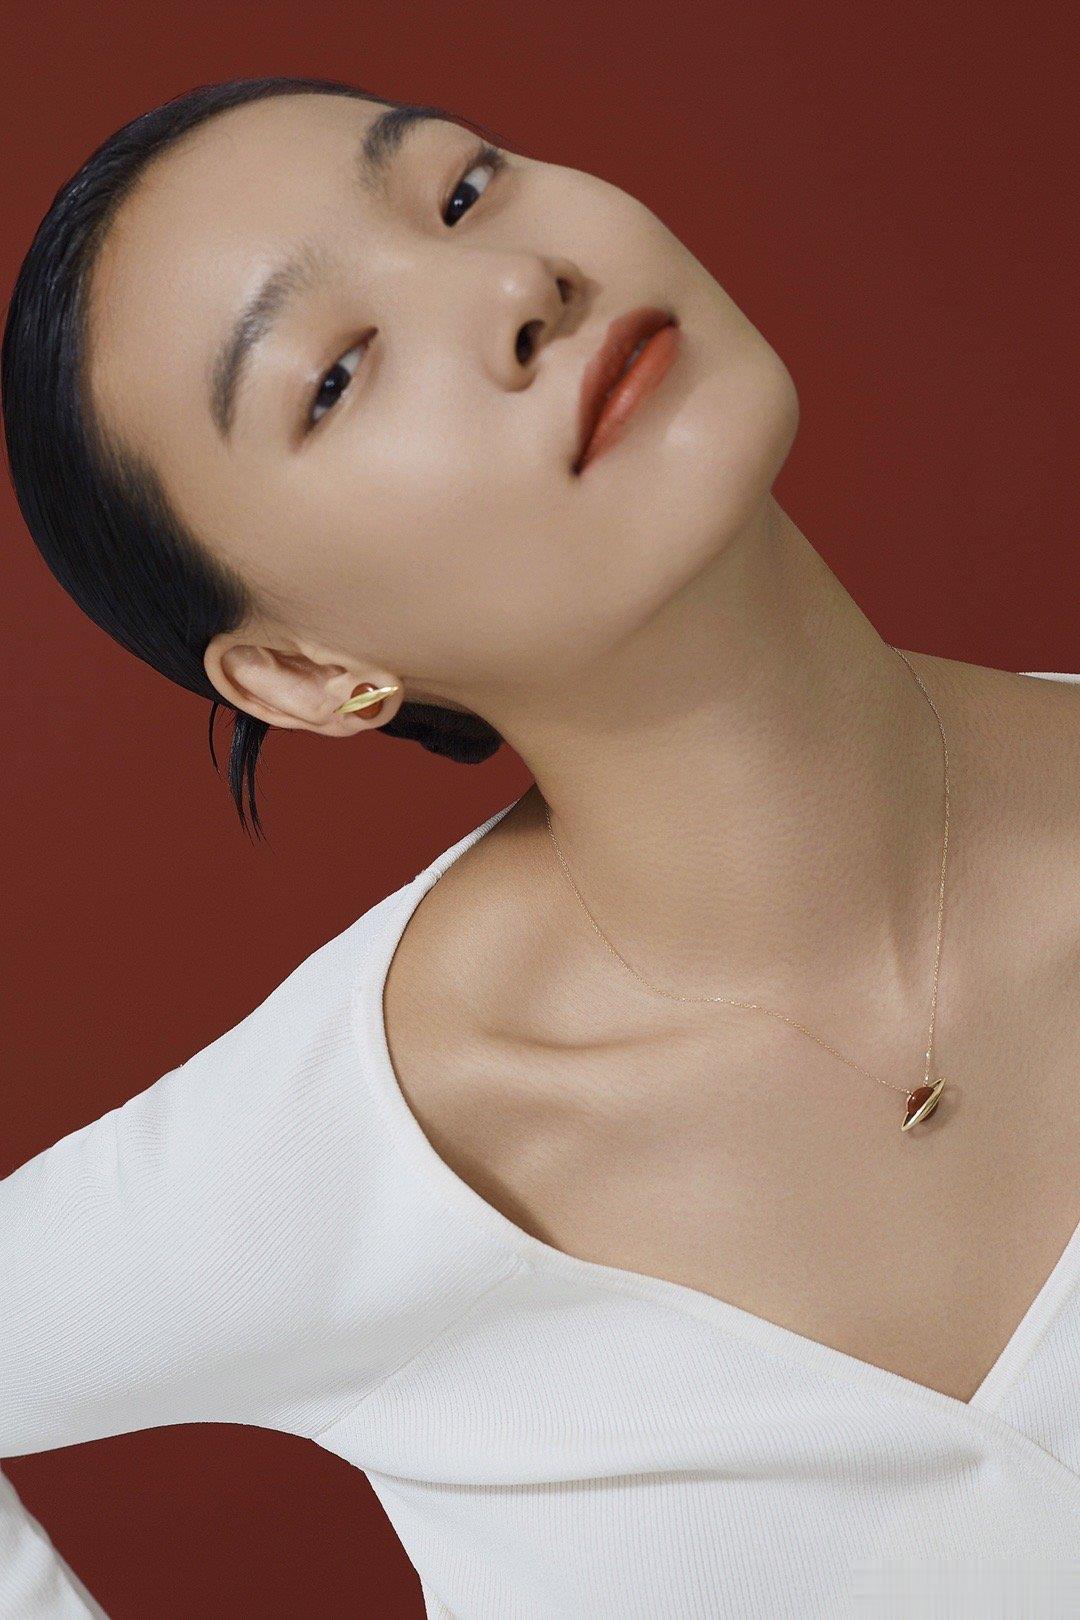 模特张晓彤新年主题大片拍摄,红与白,干净而喜庆。